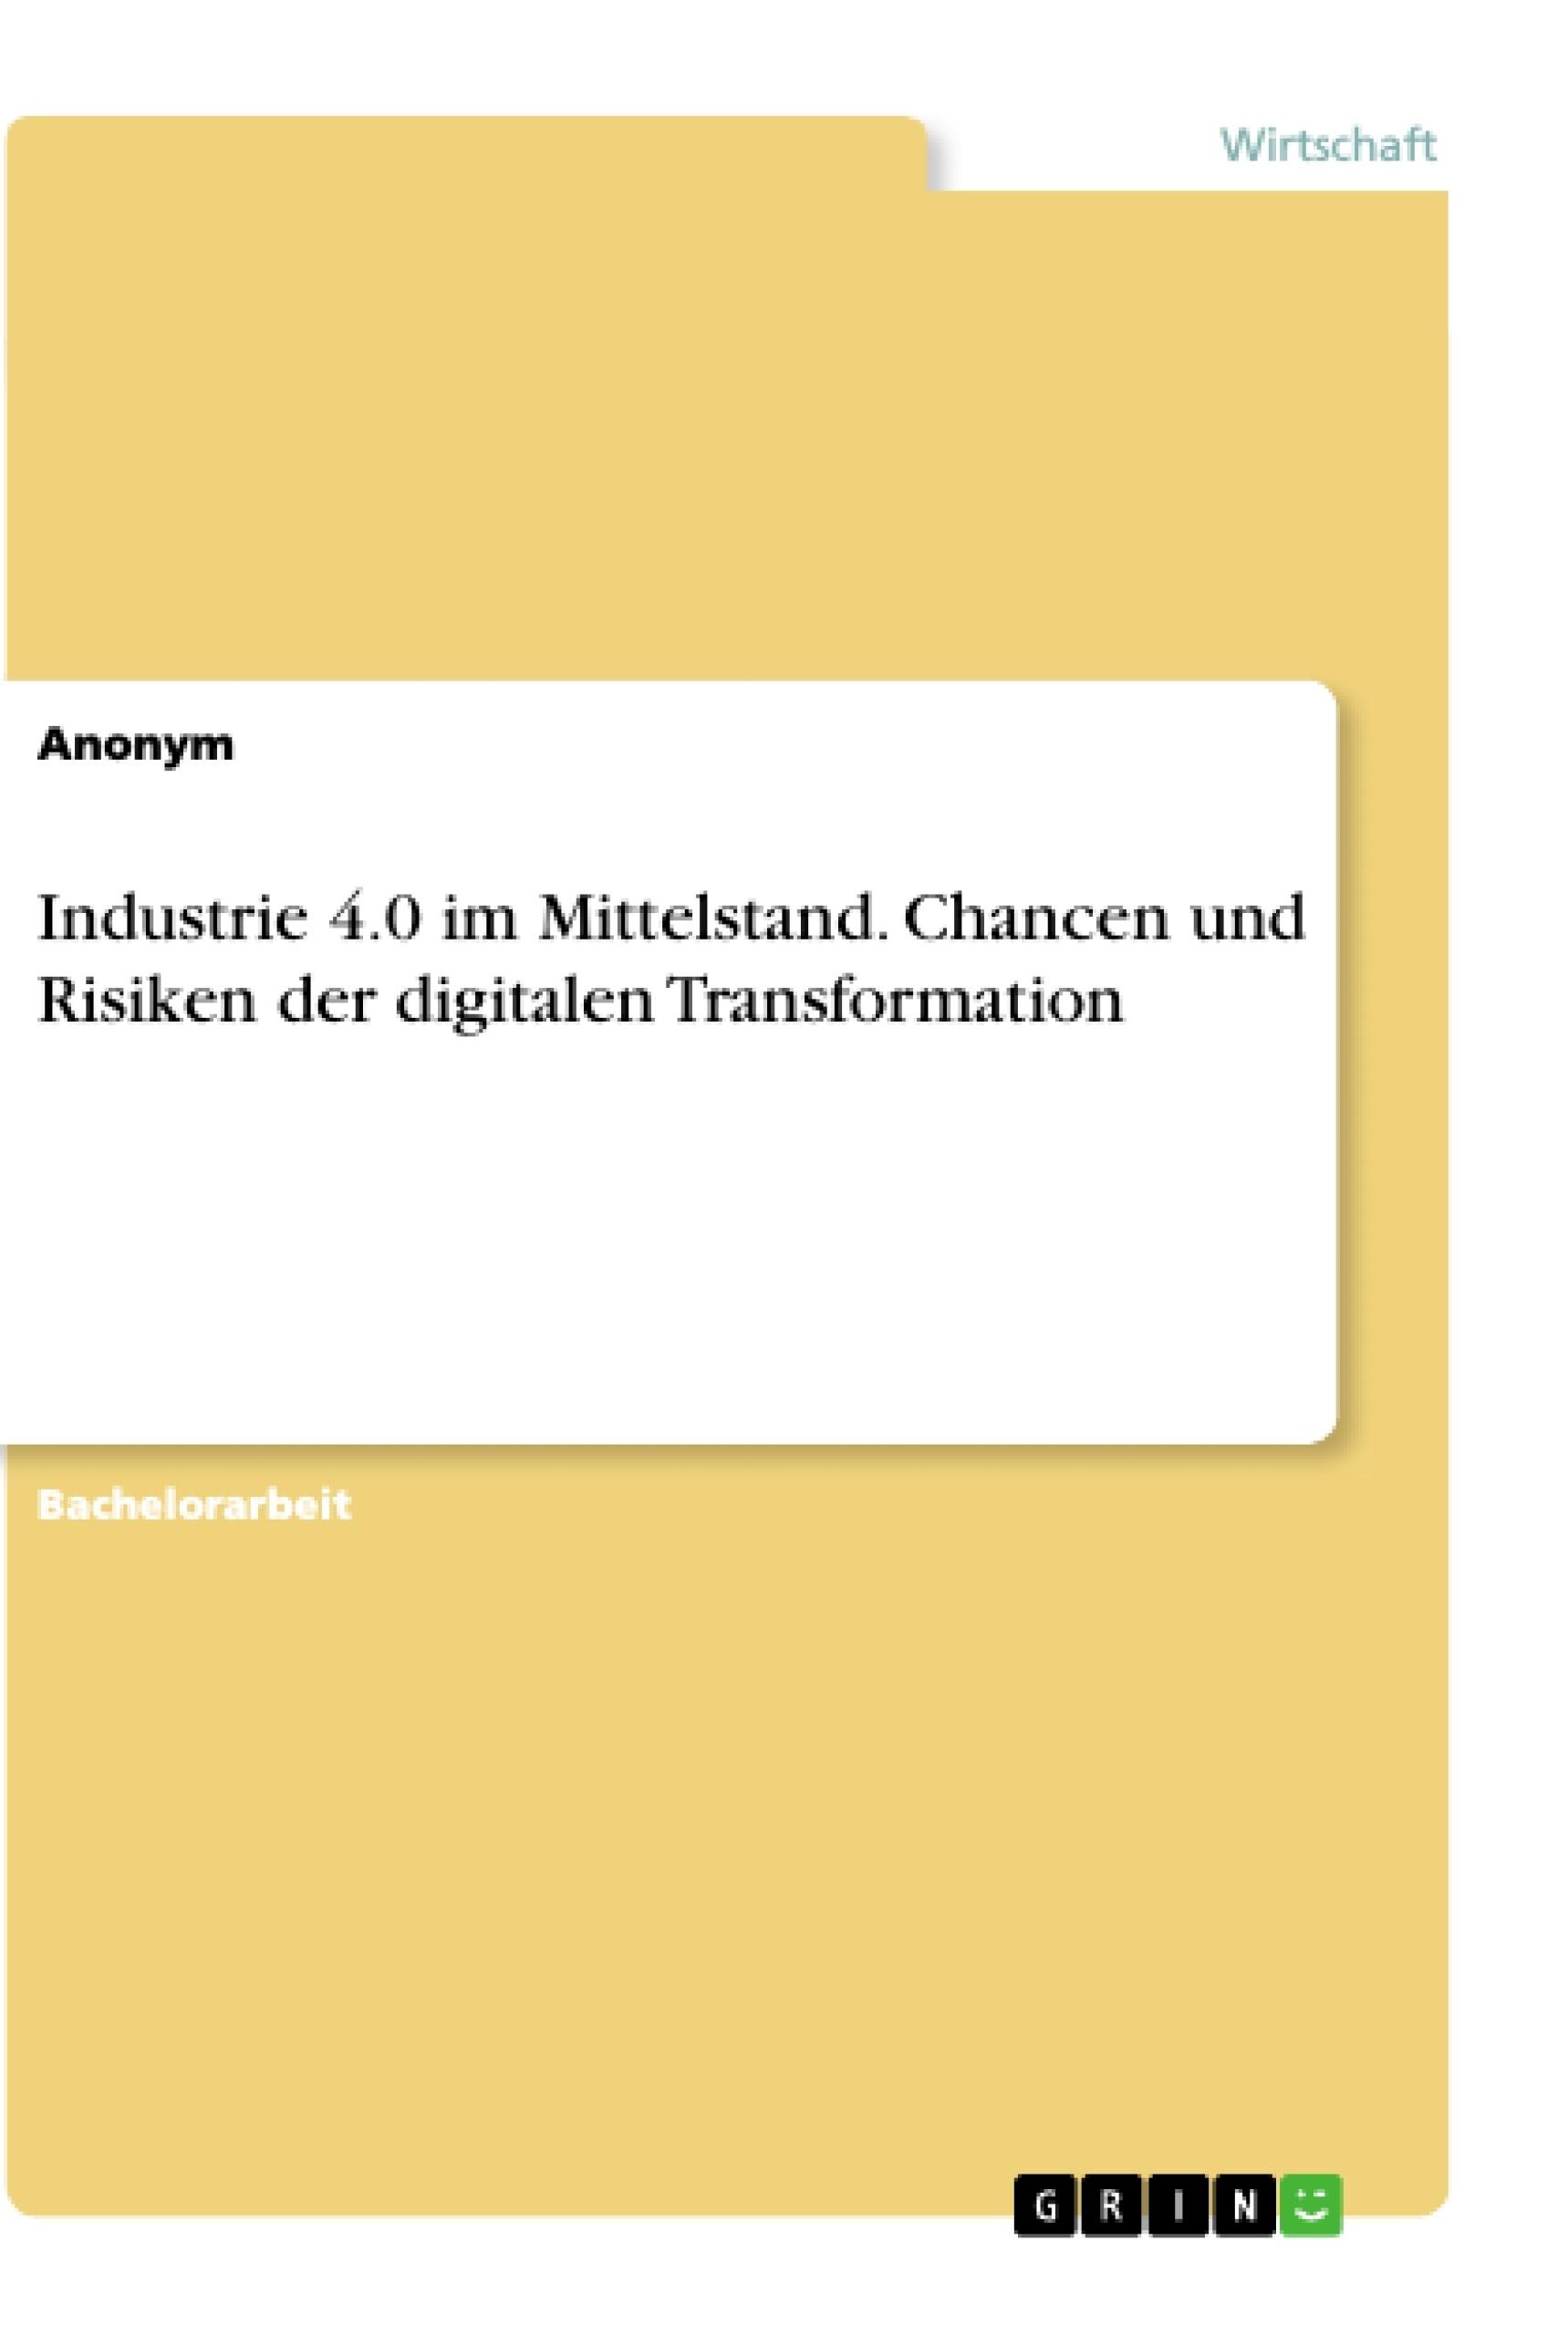 Titel: Industrie 4.0 im Mittelstand. Chancen und Risiken der digitalen Transformation